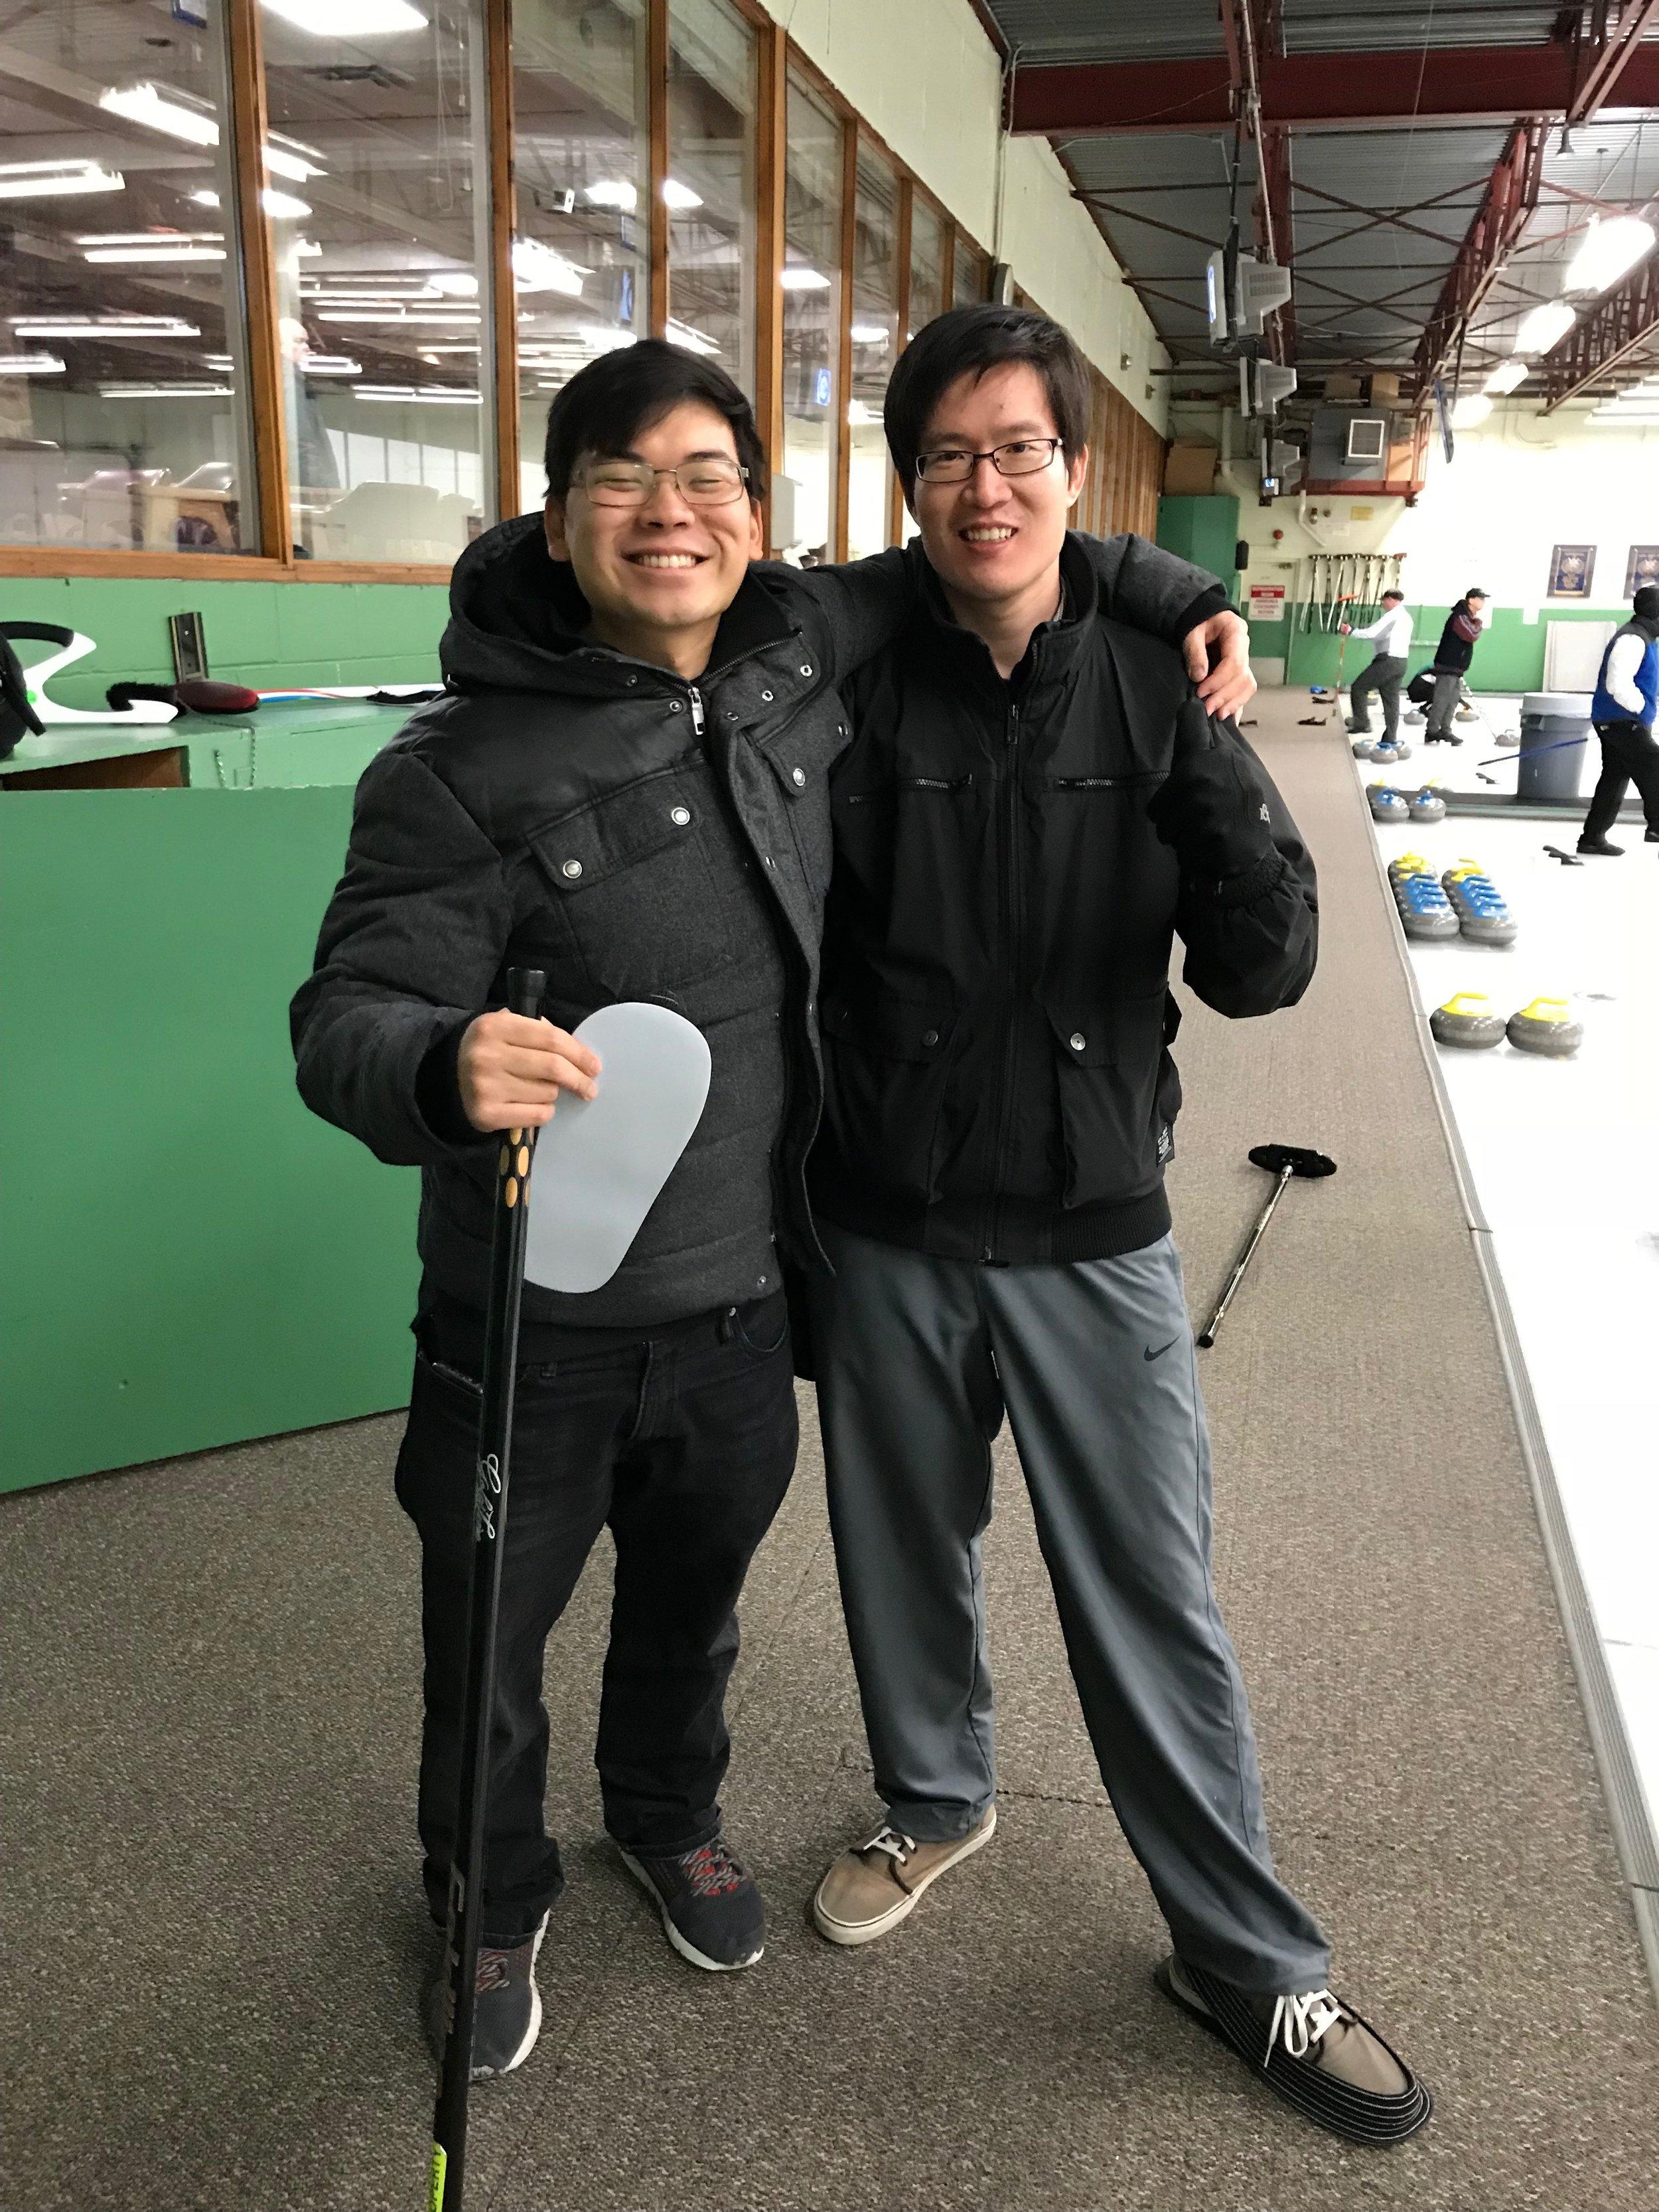 Pi's Curling Match